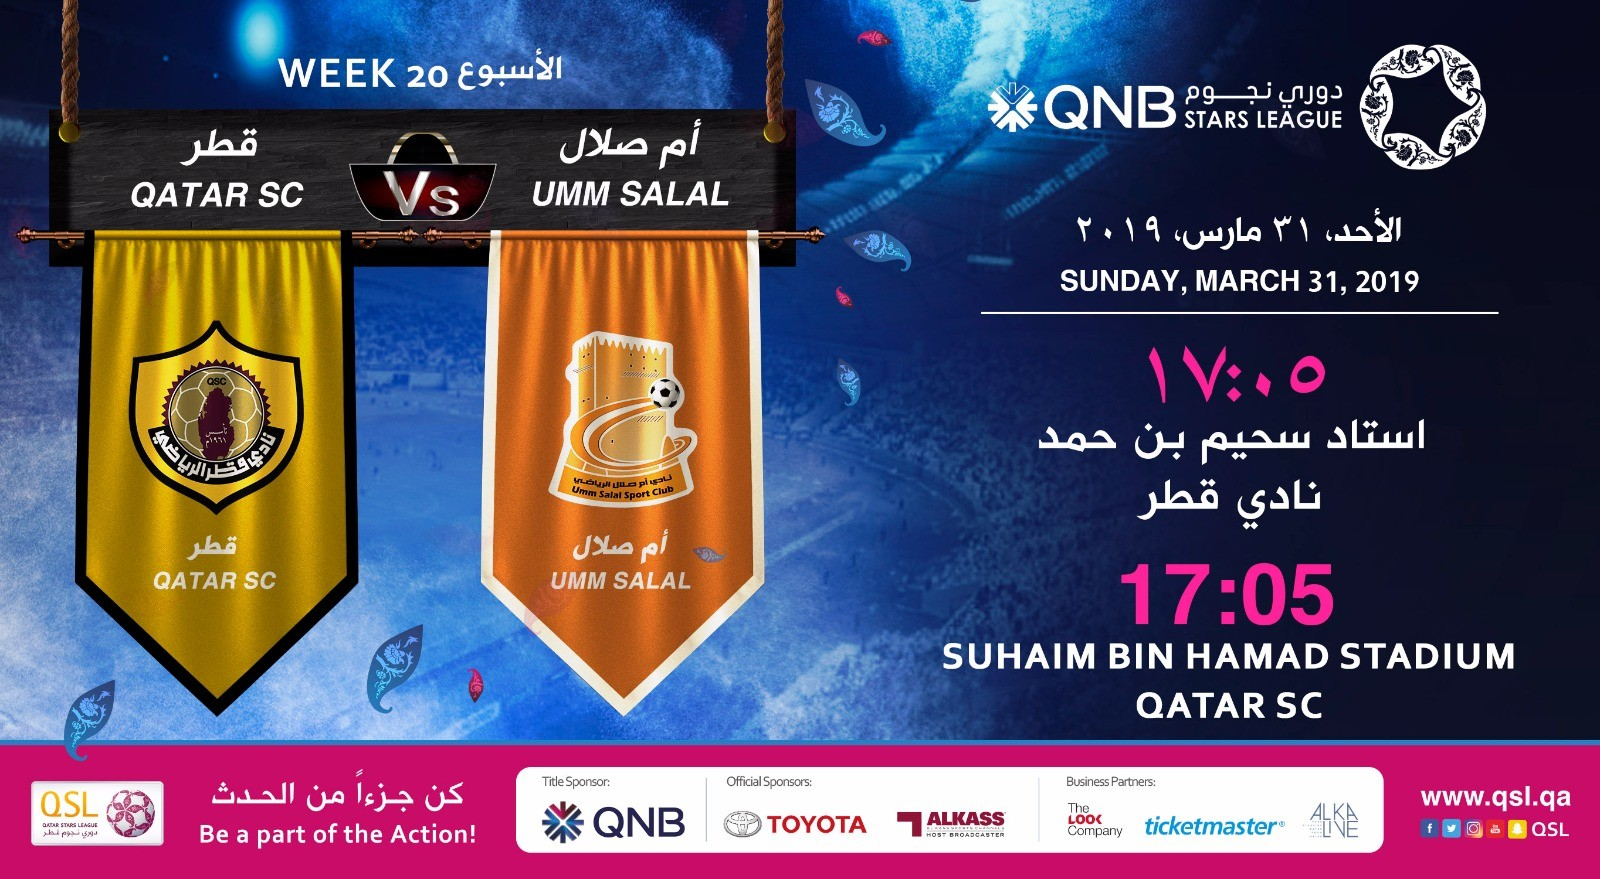 QNB Stars League Week 20 — Qatar SC vs Umm Salal